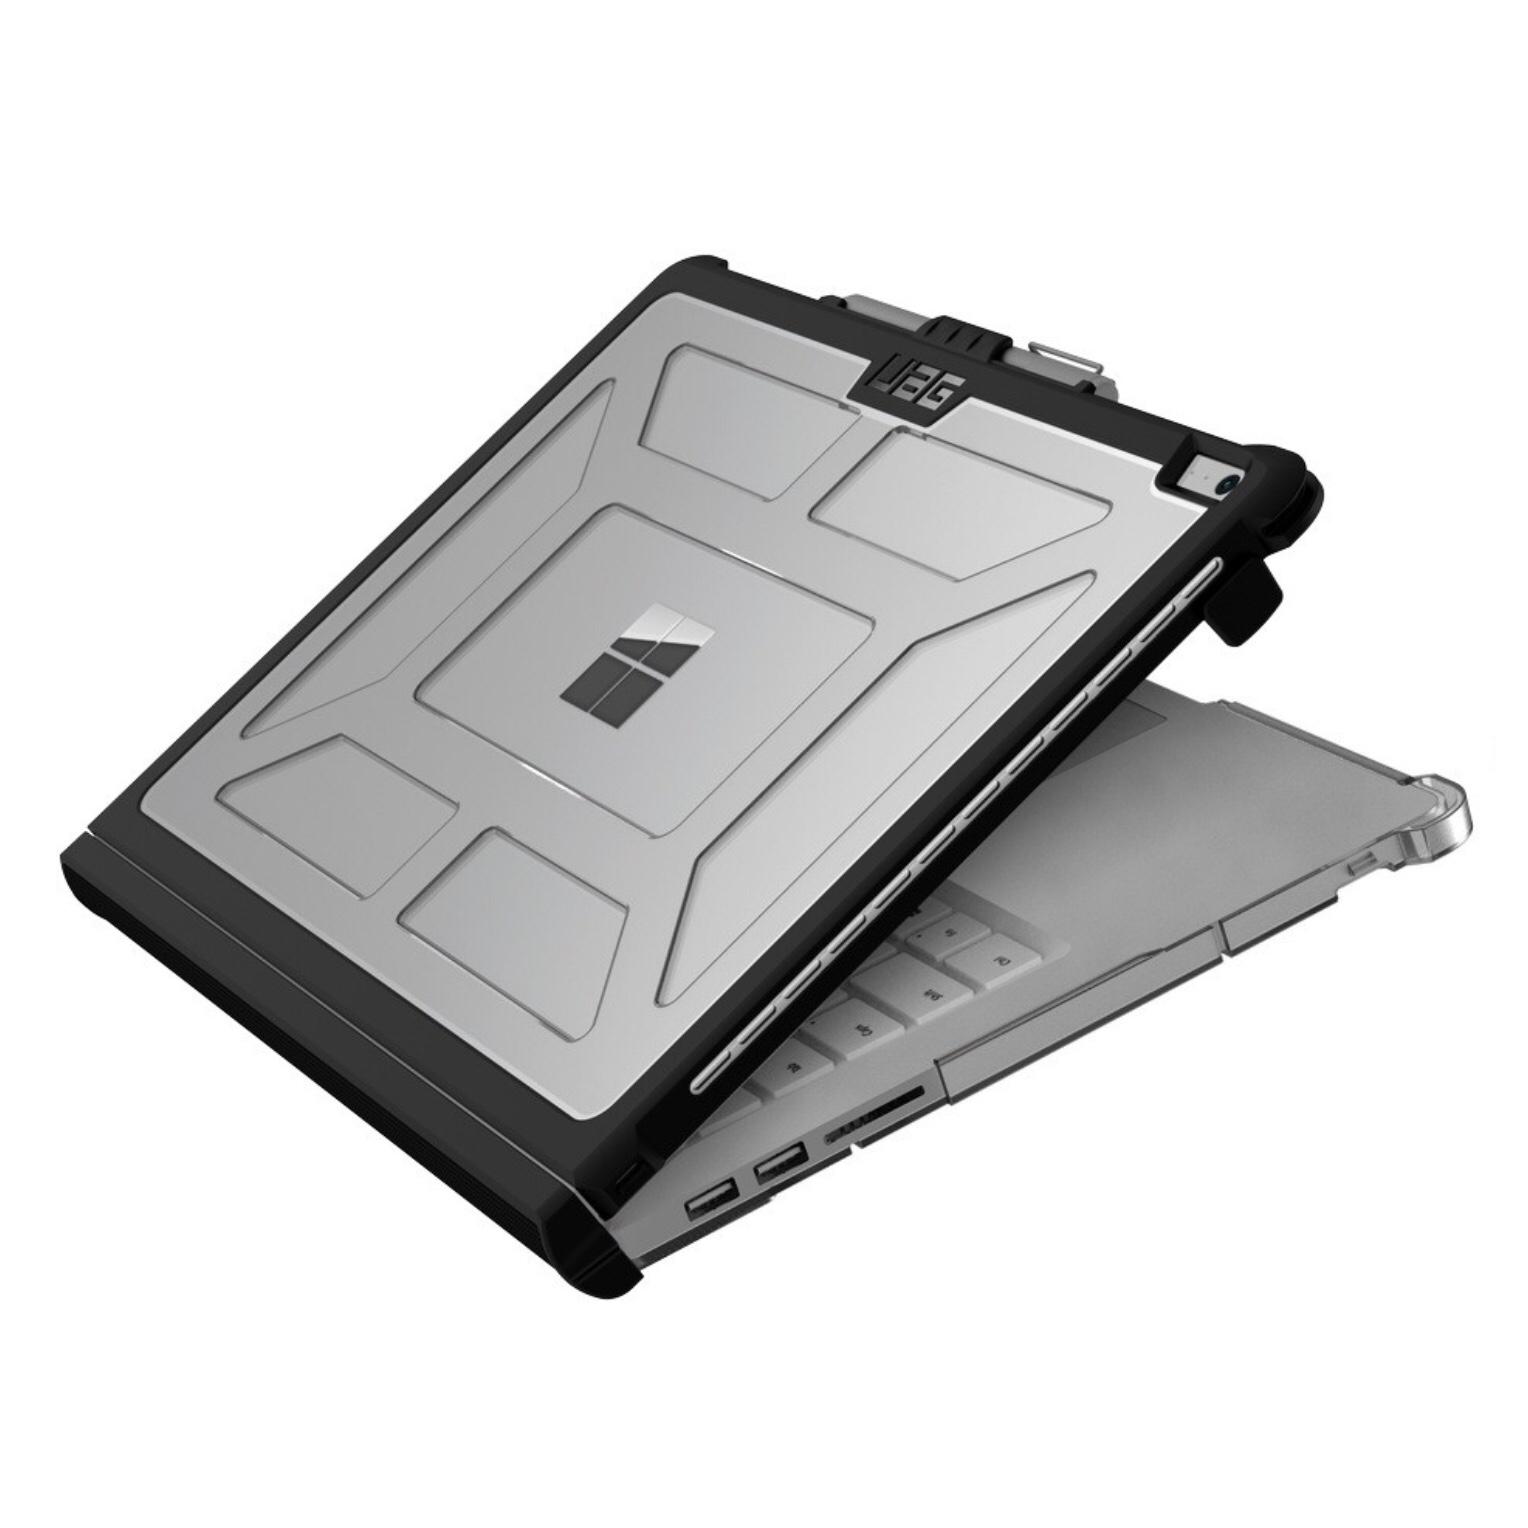 Pack 2 en 1 SURFACE BOOK 3 13.5 pouces Verre ecran et Coque de protection renforcee Armure